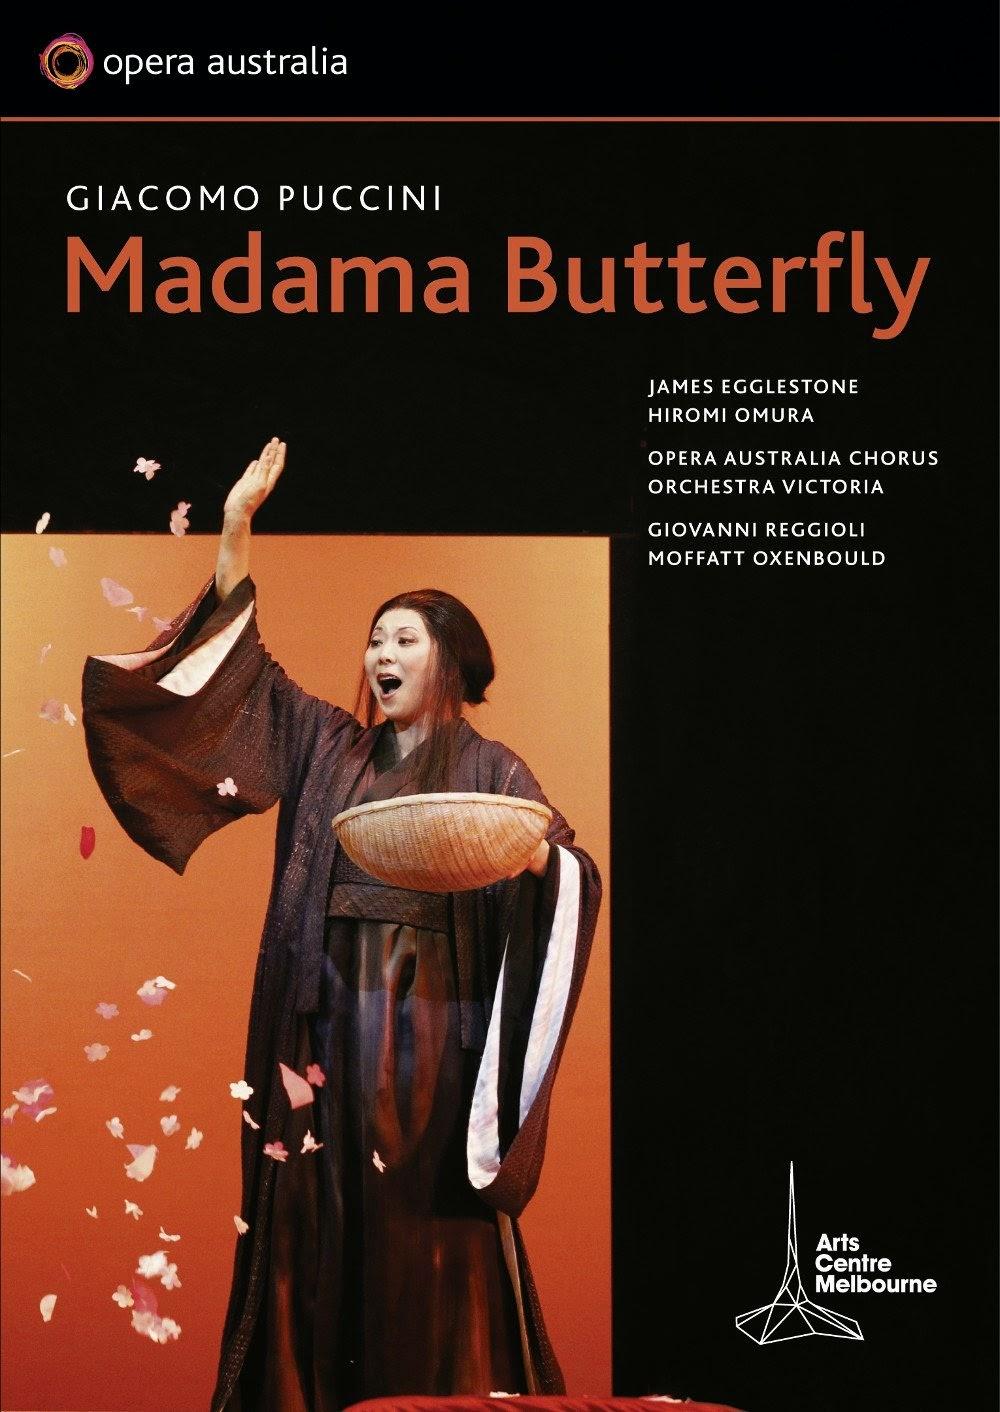 http://elpatiodebutacas.blogspot.com.es/2013/12/madama-butterfly-reggioli-2013-dvd.html